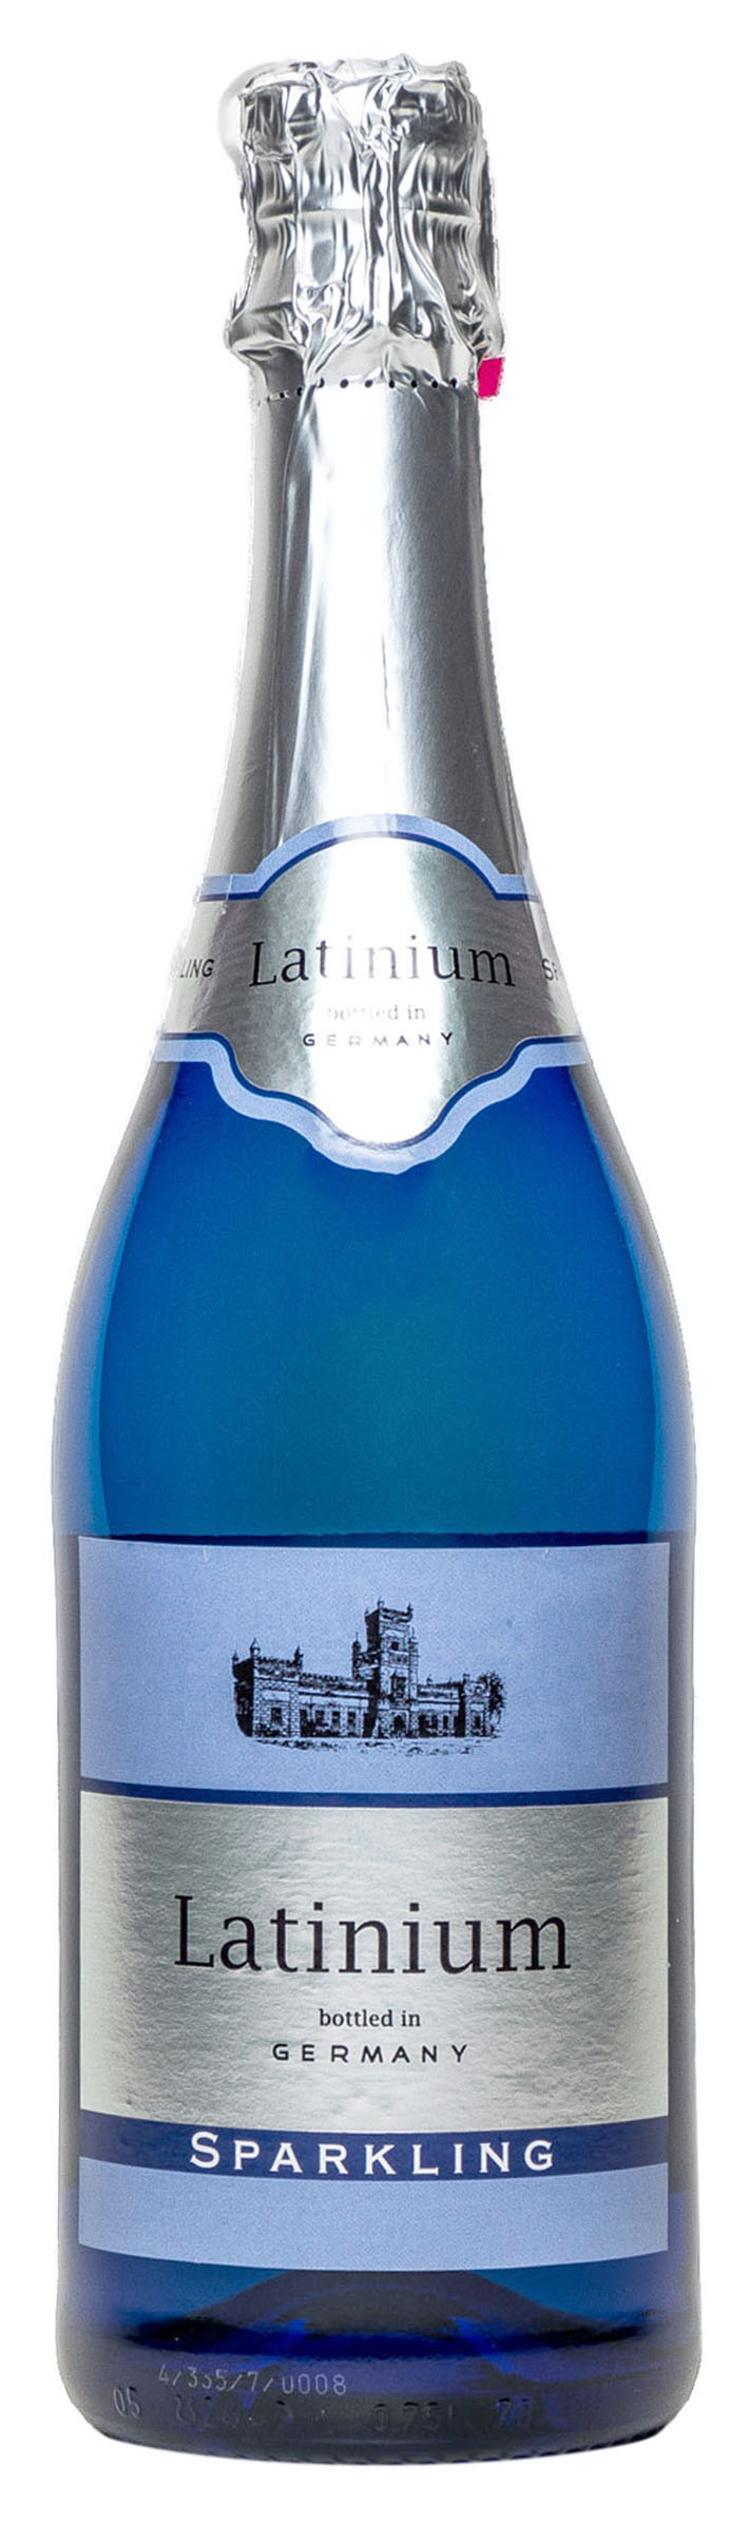 Вино Latinium Sparkling біле напівсолодке 8,5% 0,75л